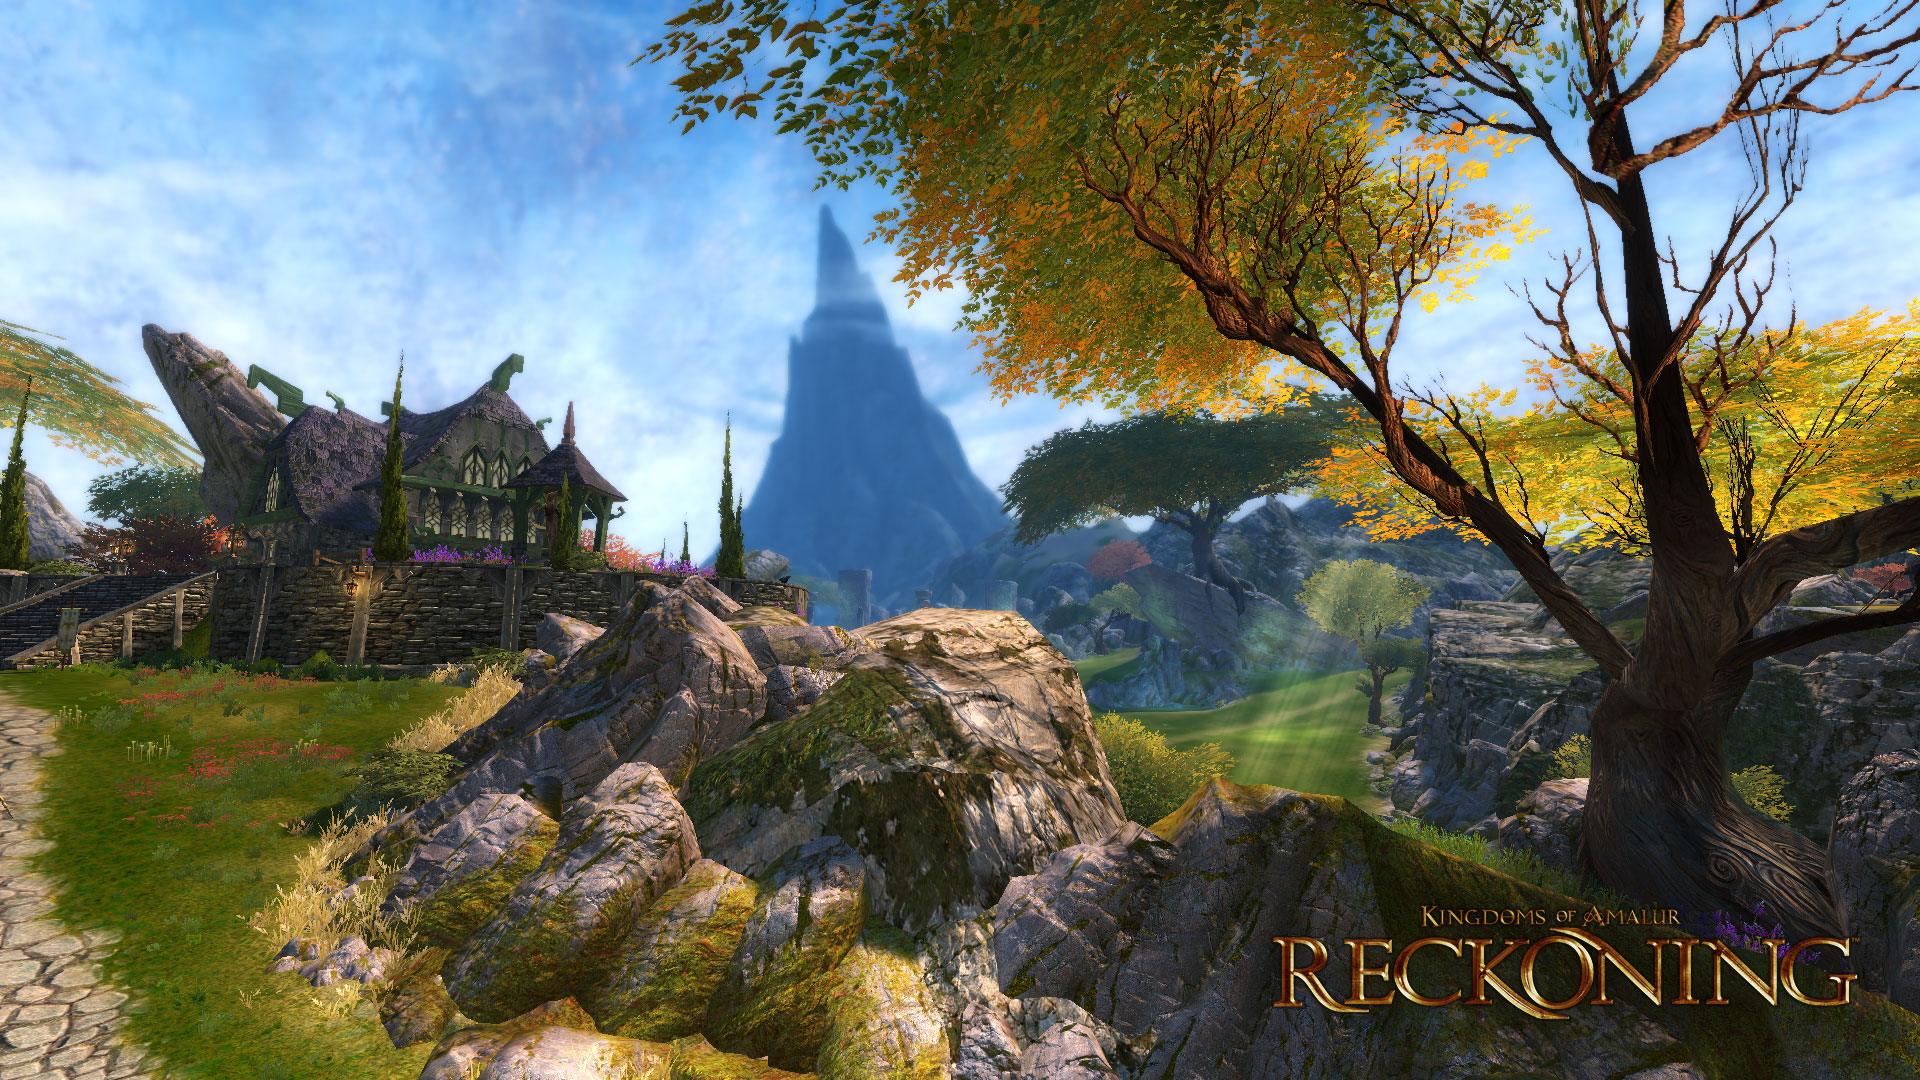 Kingdoms of Amalur na nových obrázcích 59239